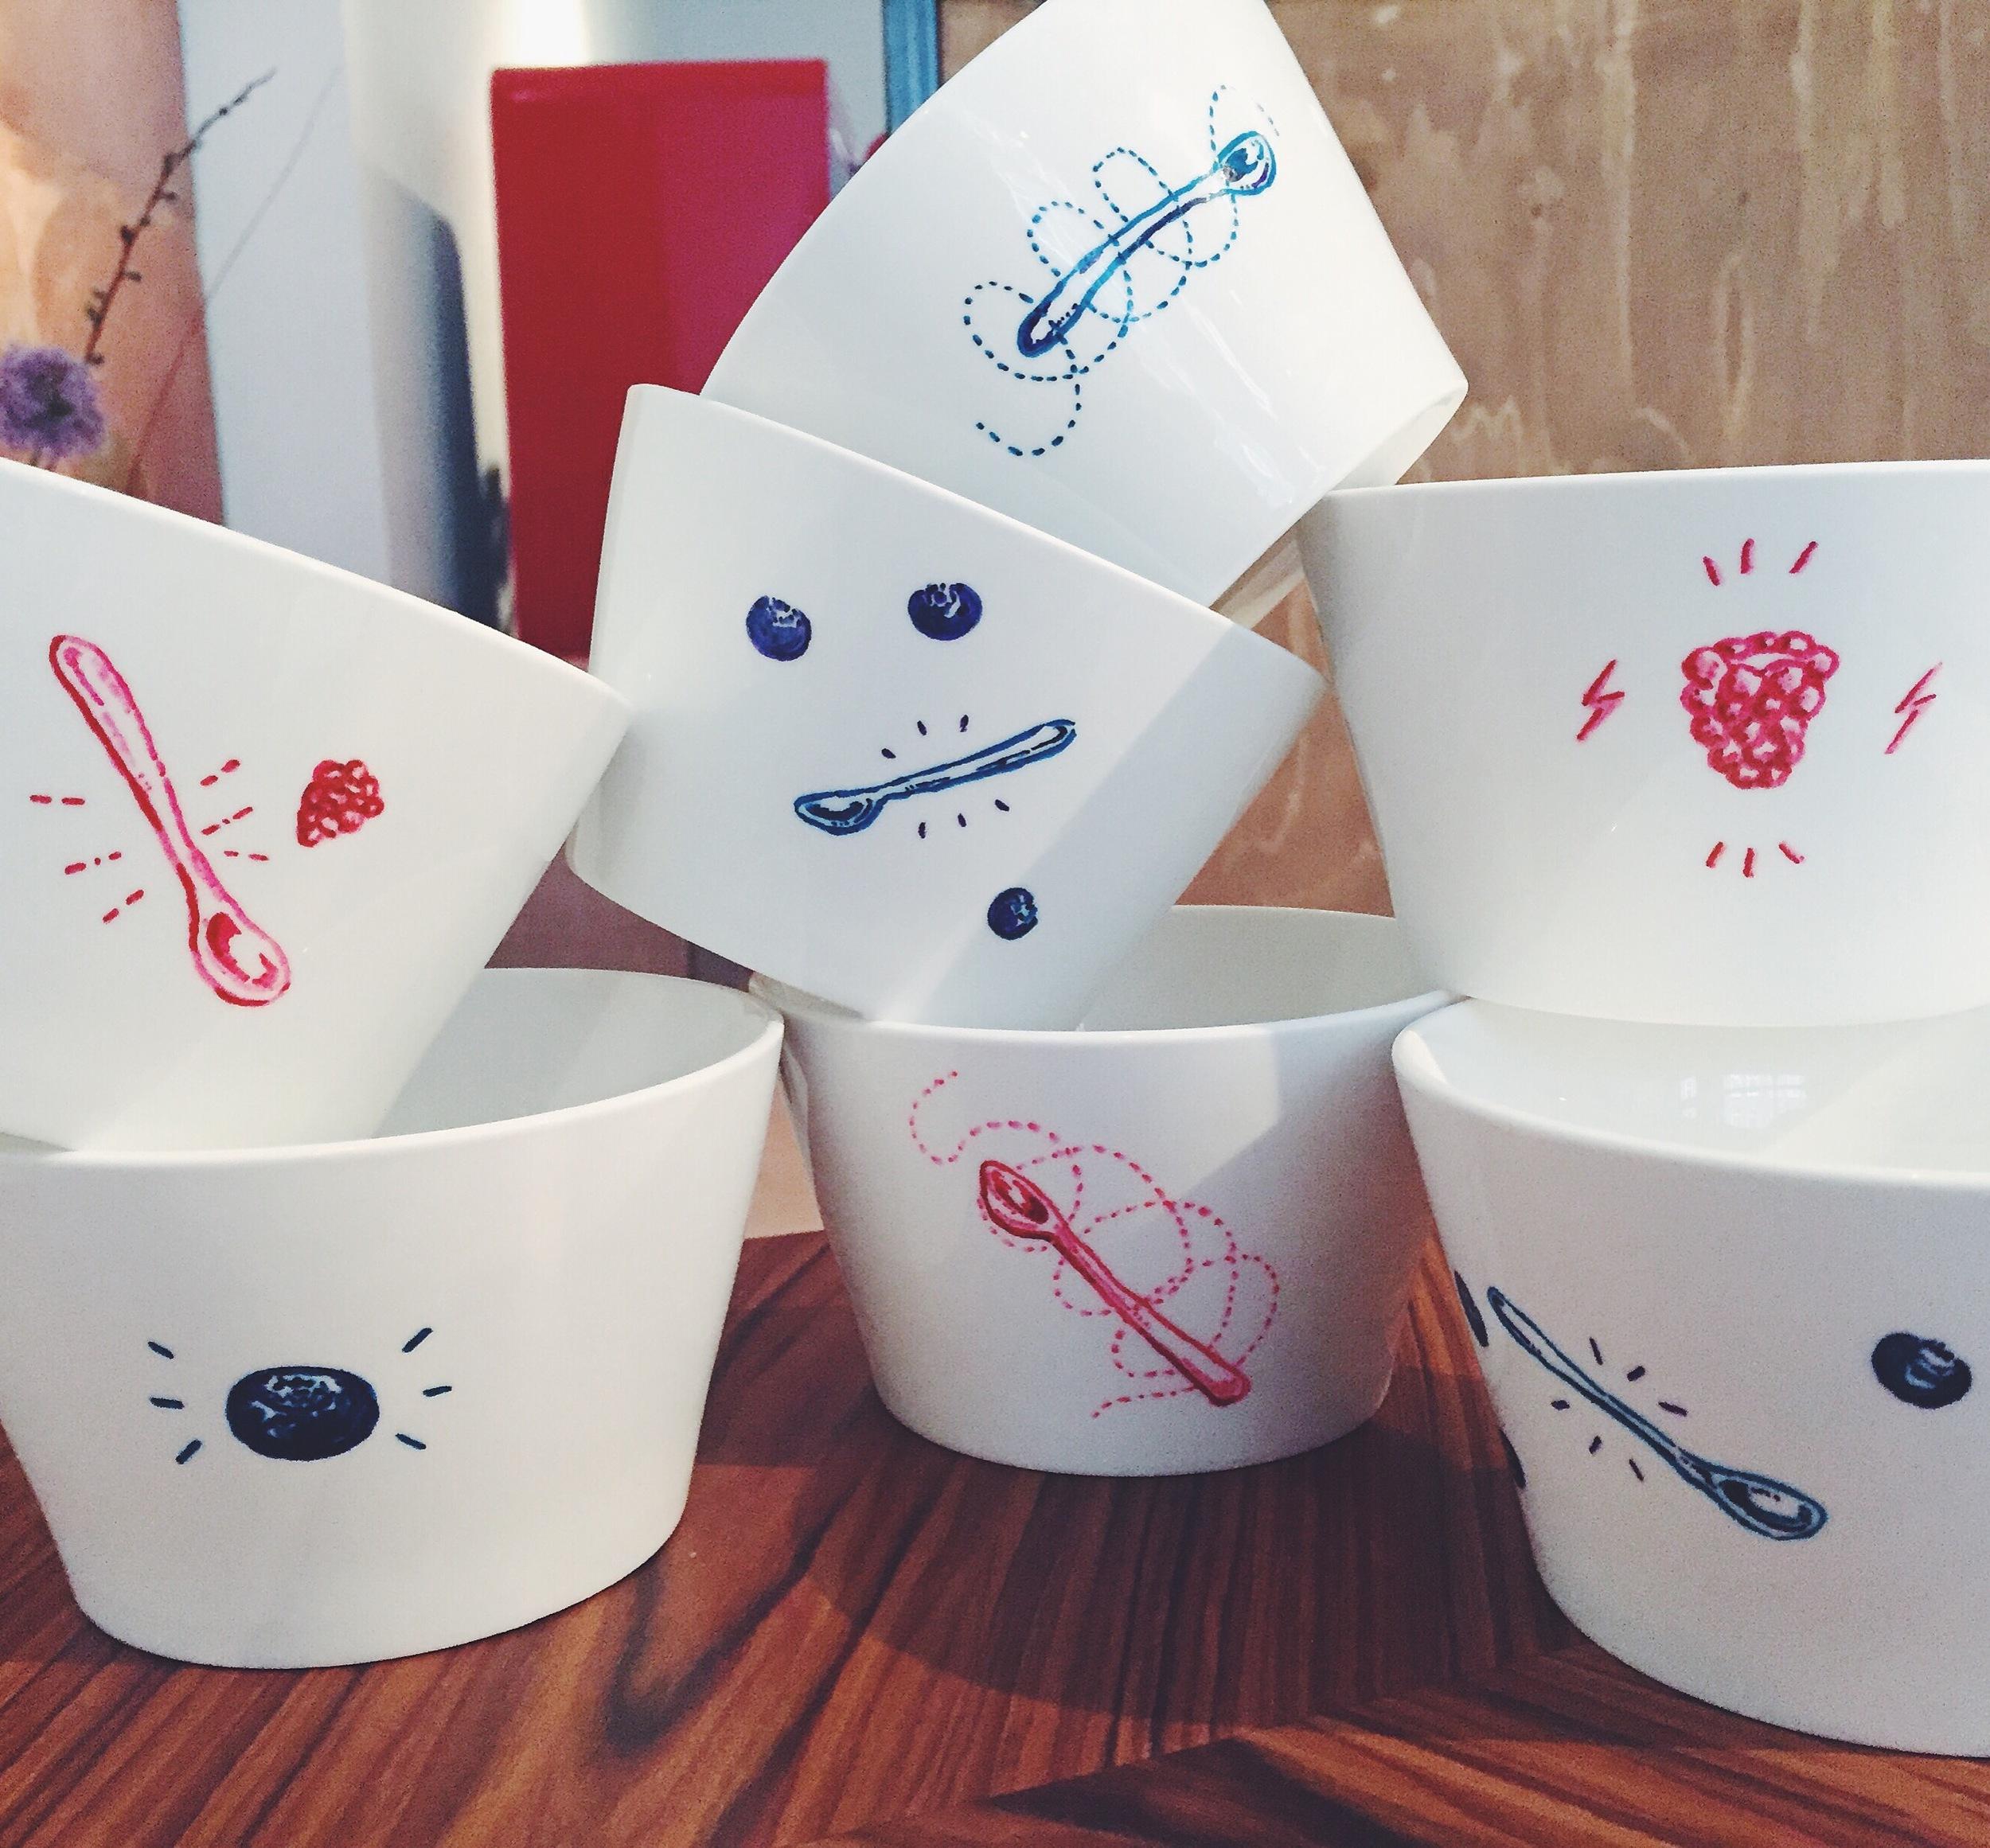 Quaker Cruesli - hand decorated cruesli bowls